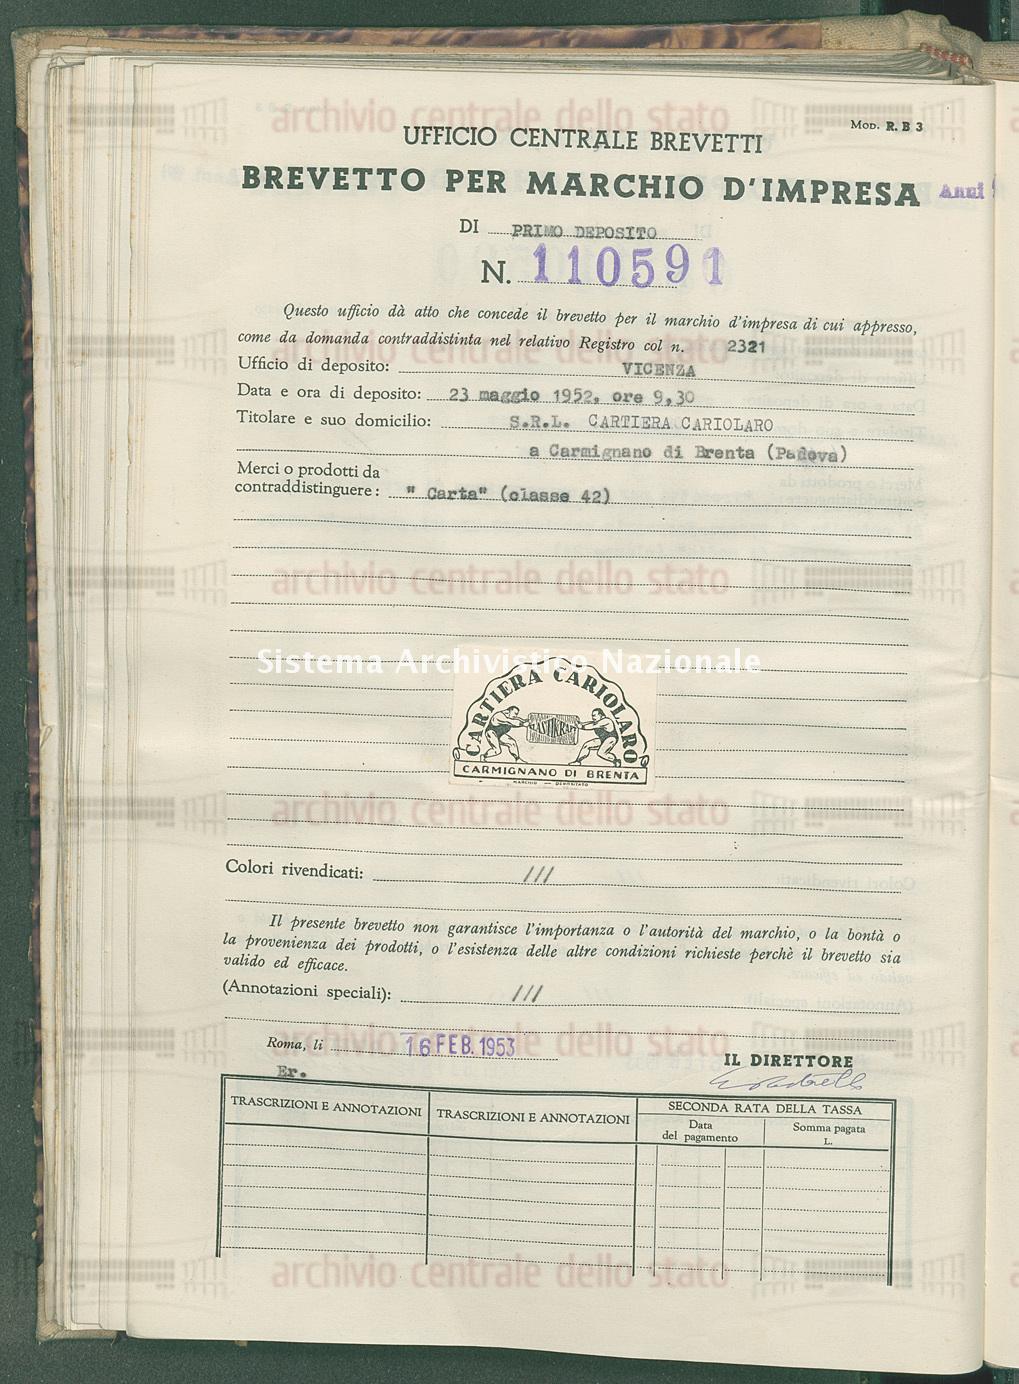 'Carta' S.R.L. Cartiera Cariolaro (16/02/1953)